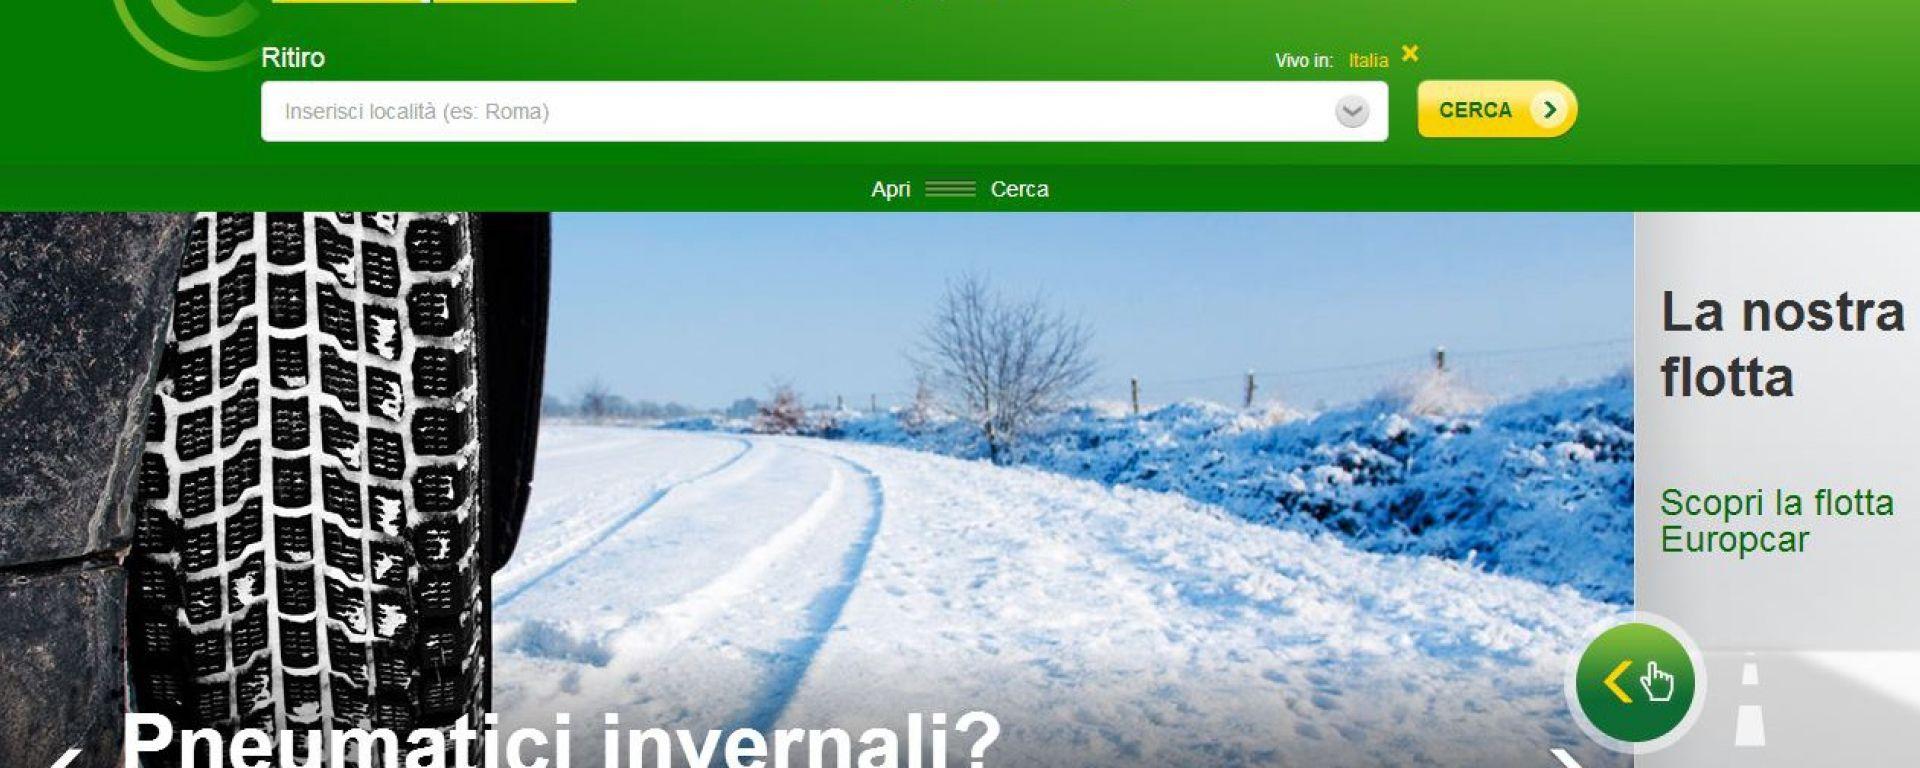 Europcar per l'inverno